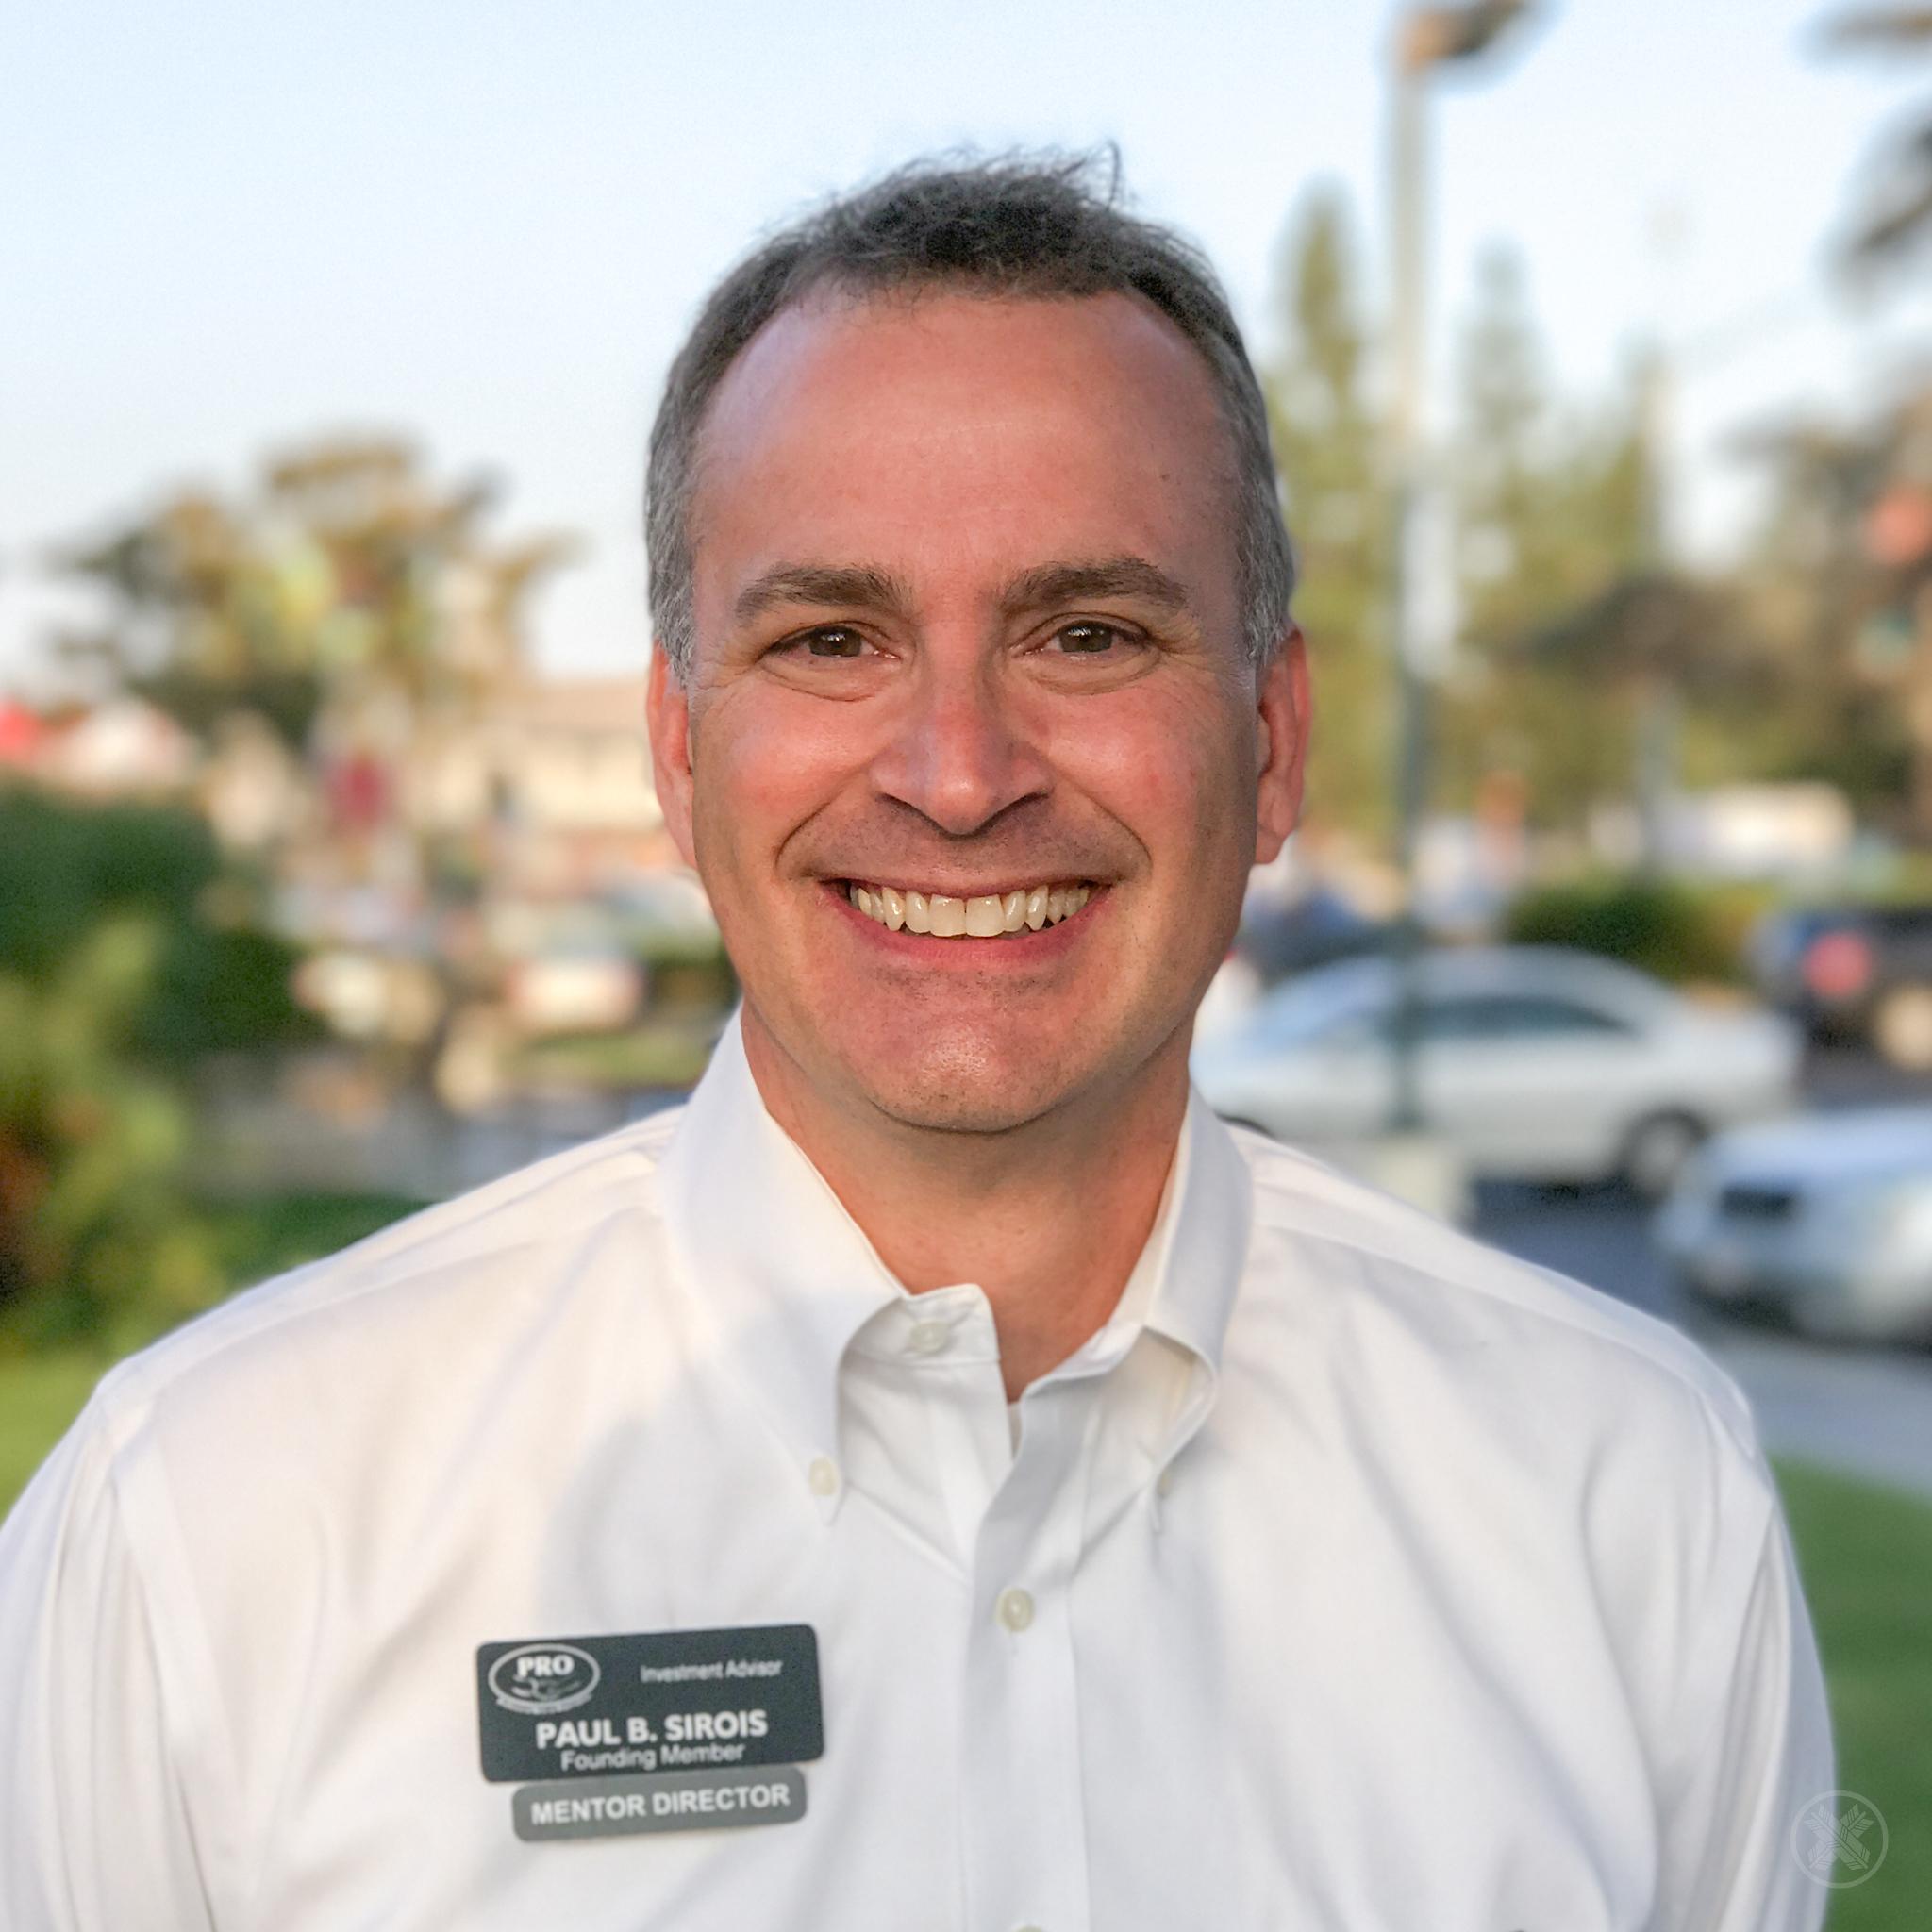 INVESTMENT ADVISOR   LaSalle St. Securities, LLC    Paul B. Sirois  Bus:  (626) 578-1700  140 S Lake Ave.  Suite #204 Pasadena, CA 91101  paulsirois@lasallest.com